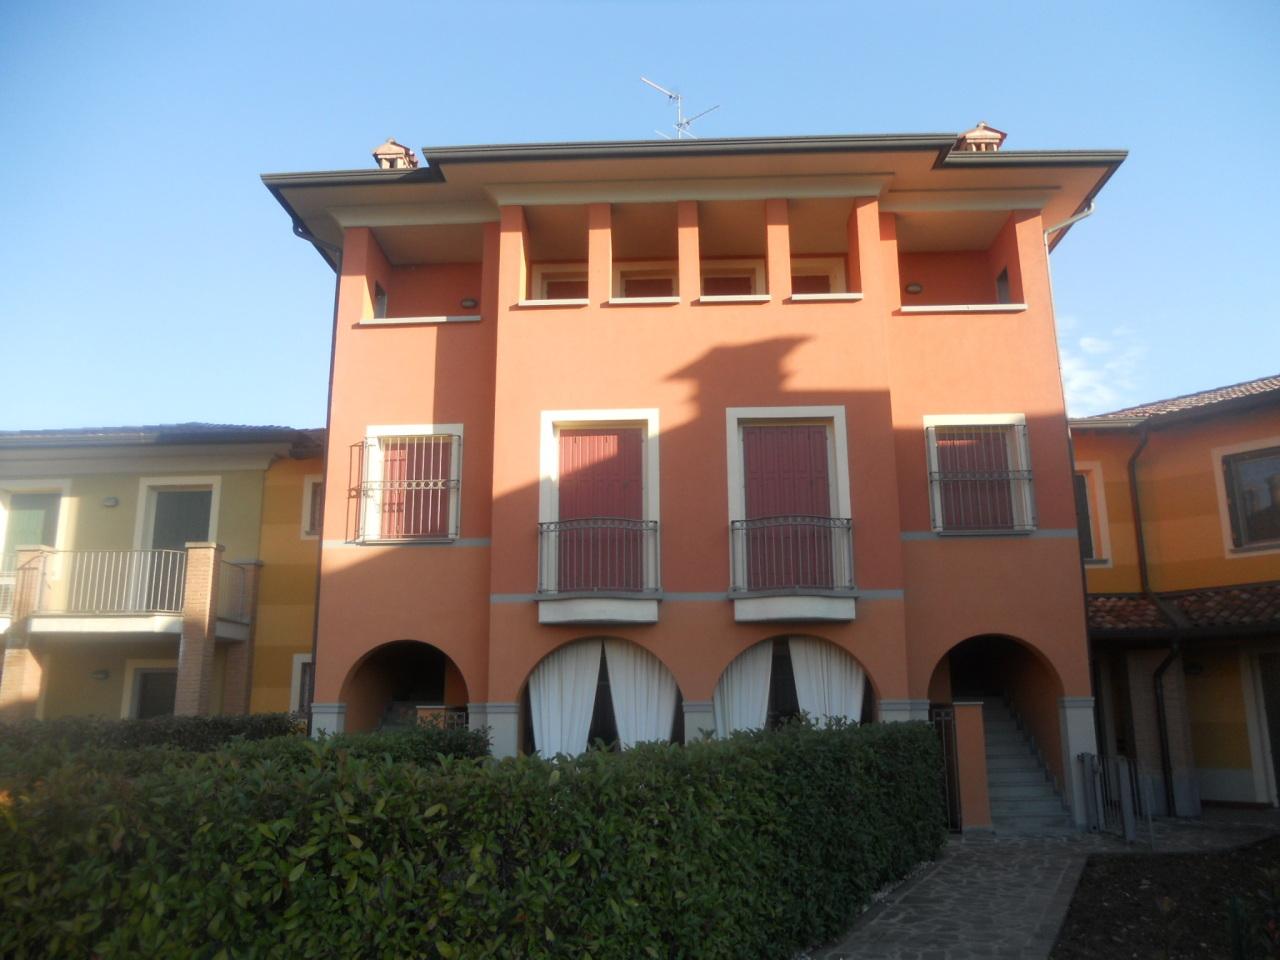 Appartamento in vendita a Chiari, 3 locali, prezzo € 115.000 | Cambio Casa.it